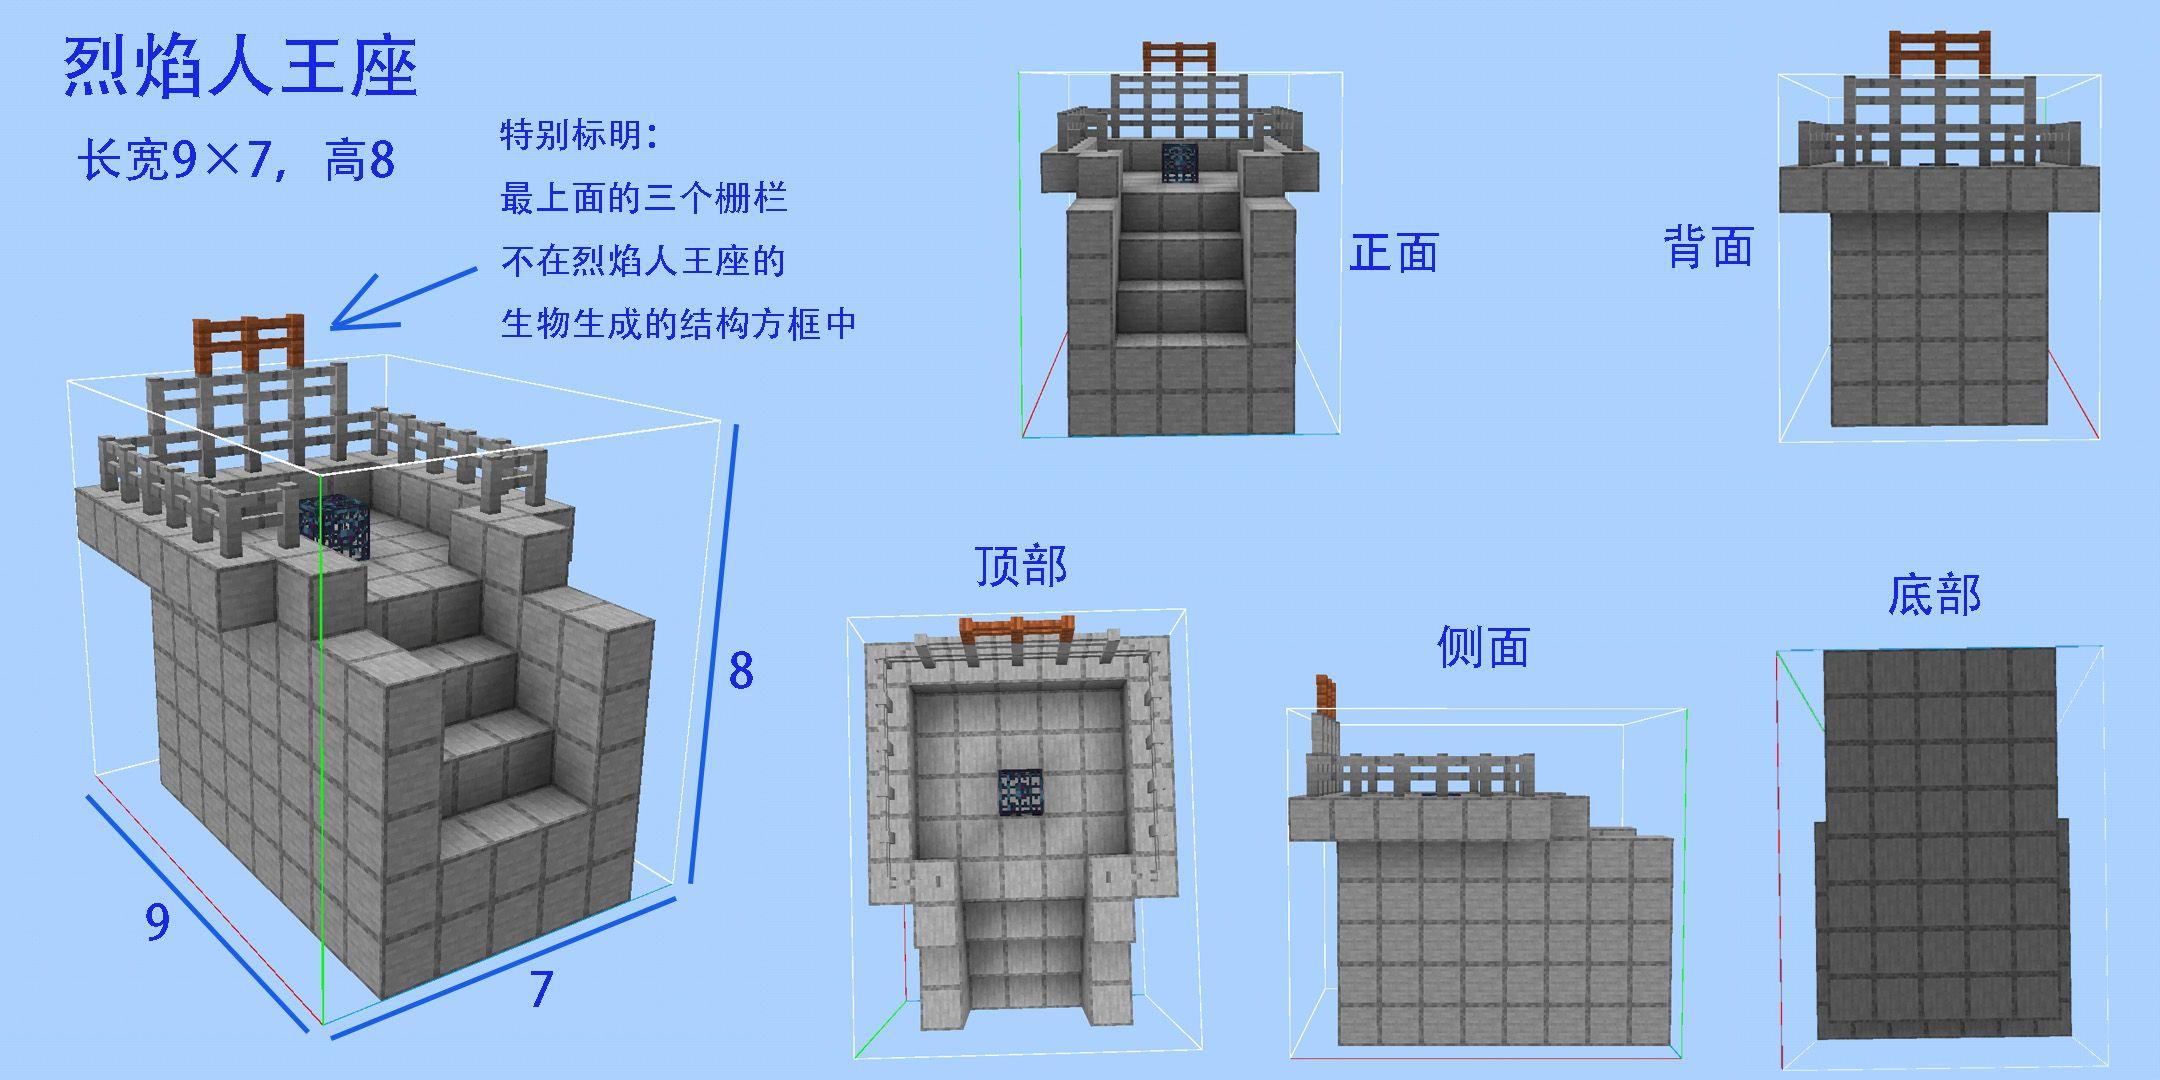 file_1594216345000.jpg